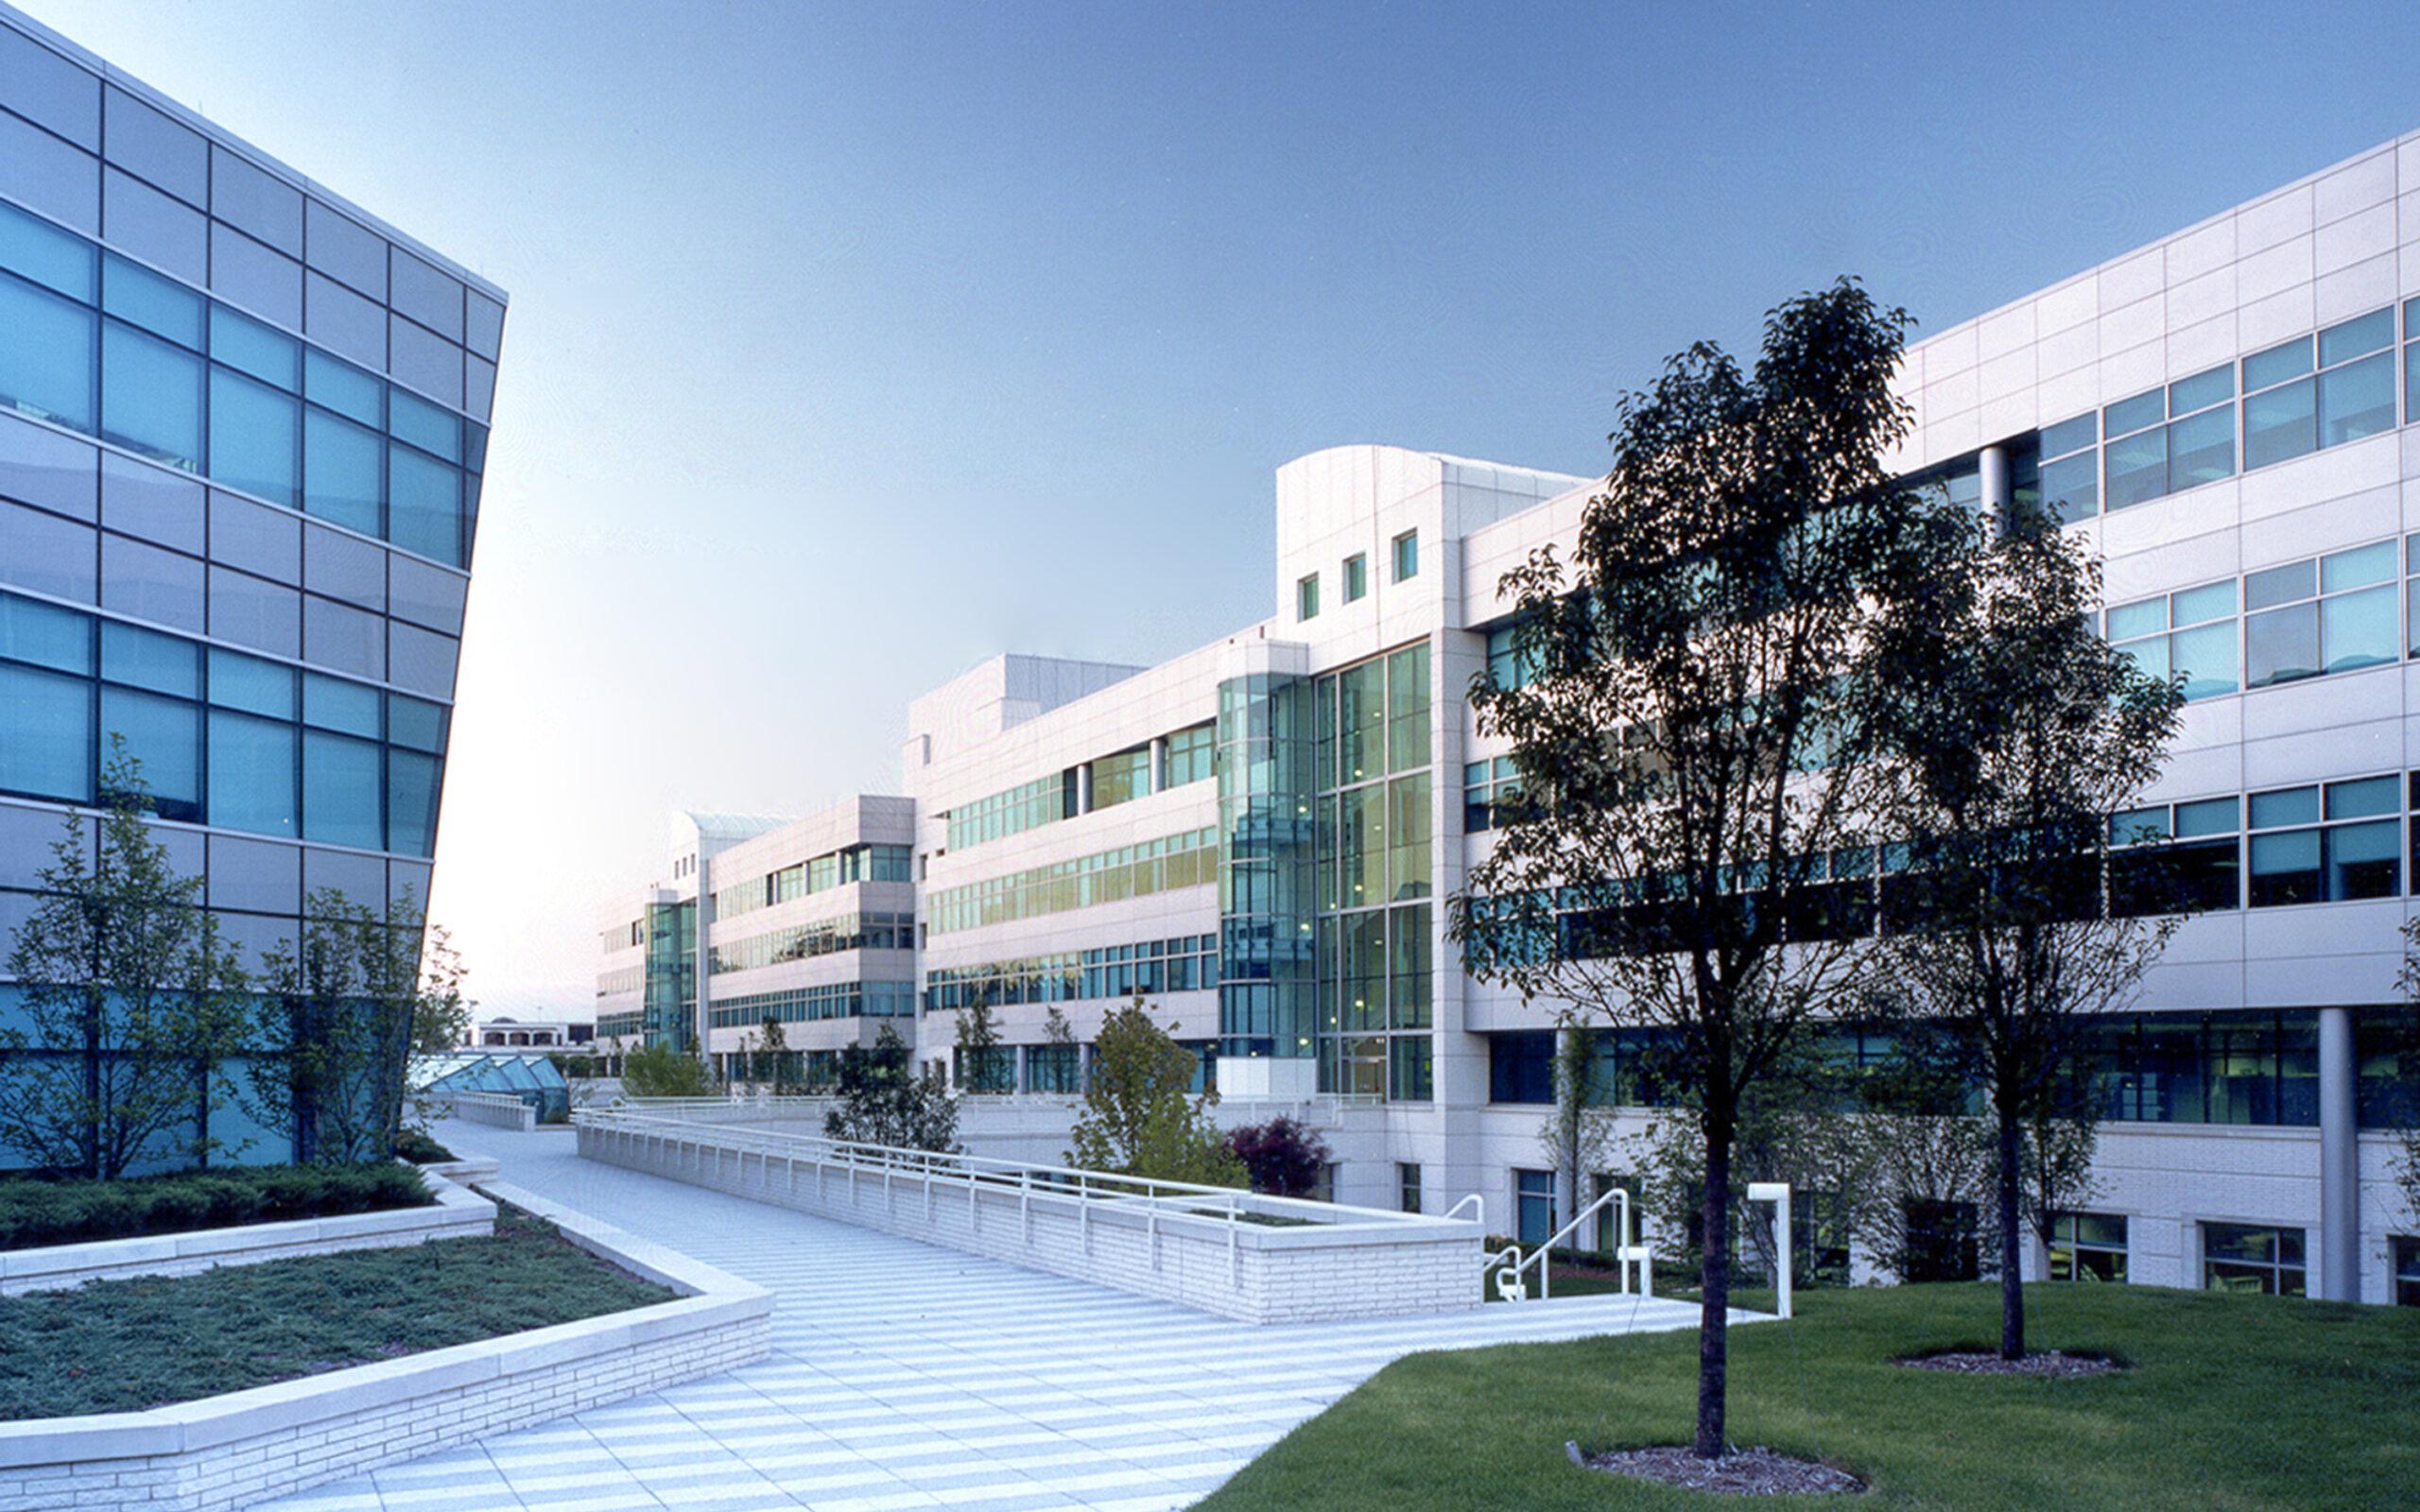 1_Campus1-Gardens1_